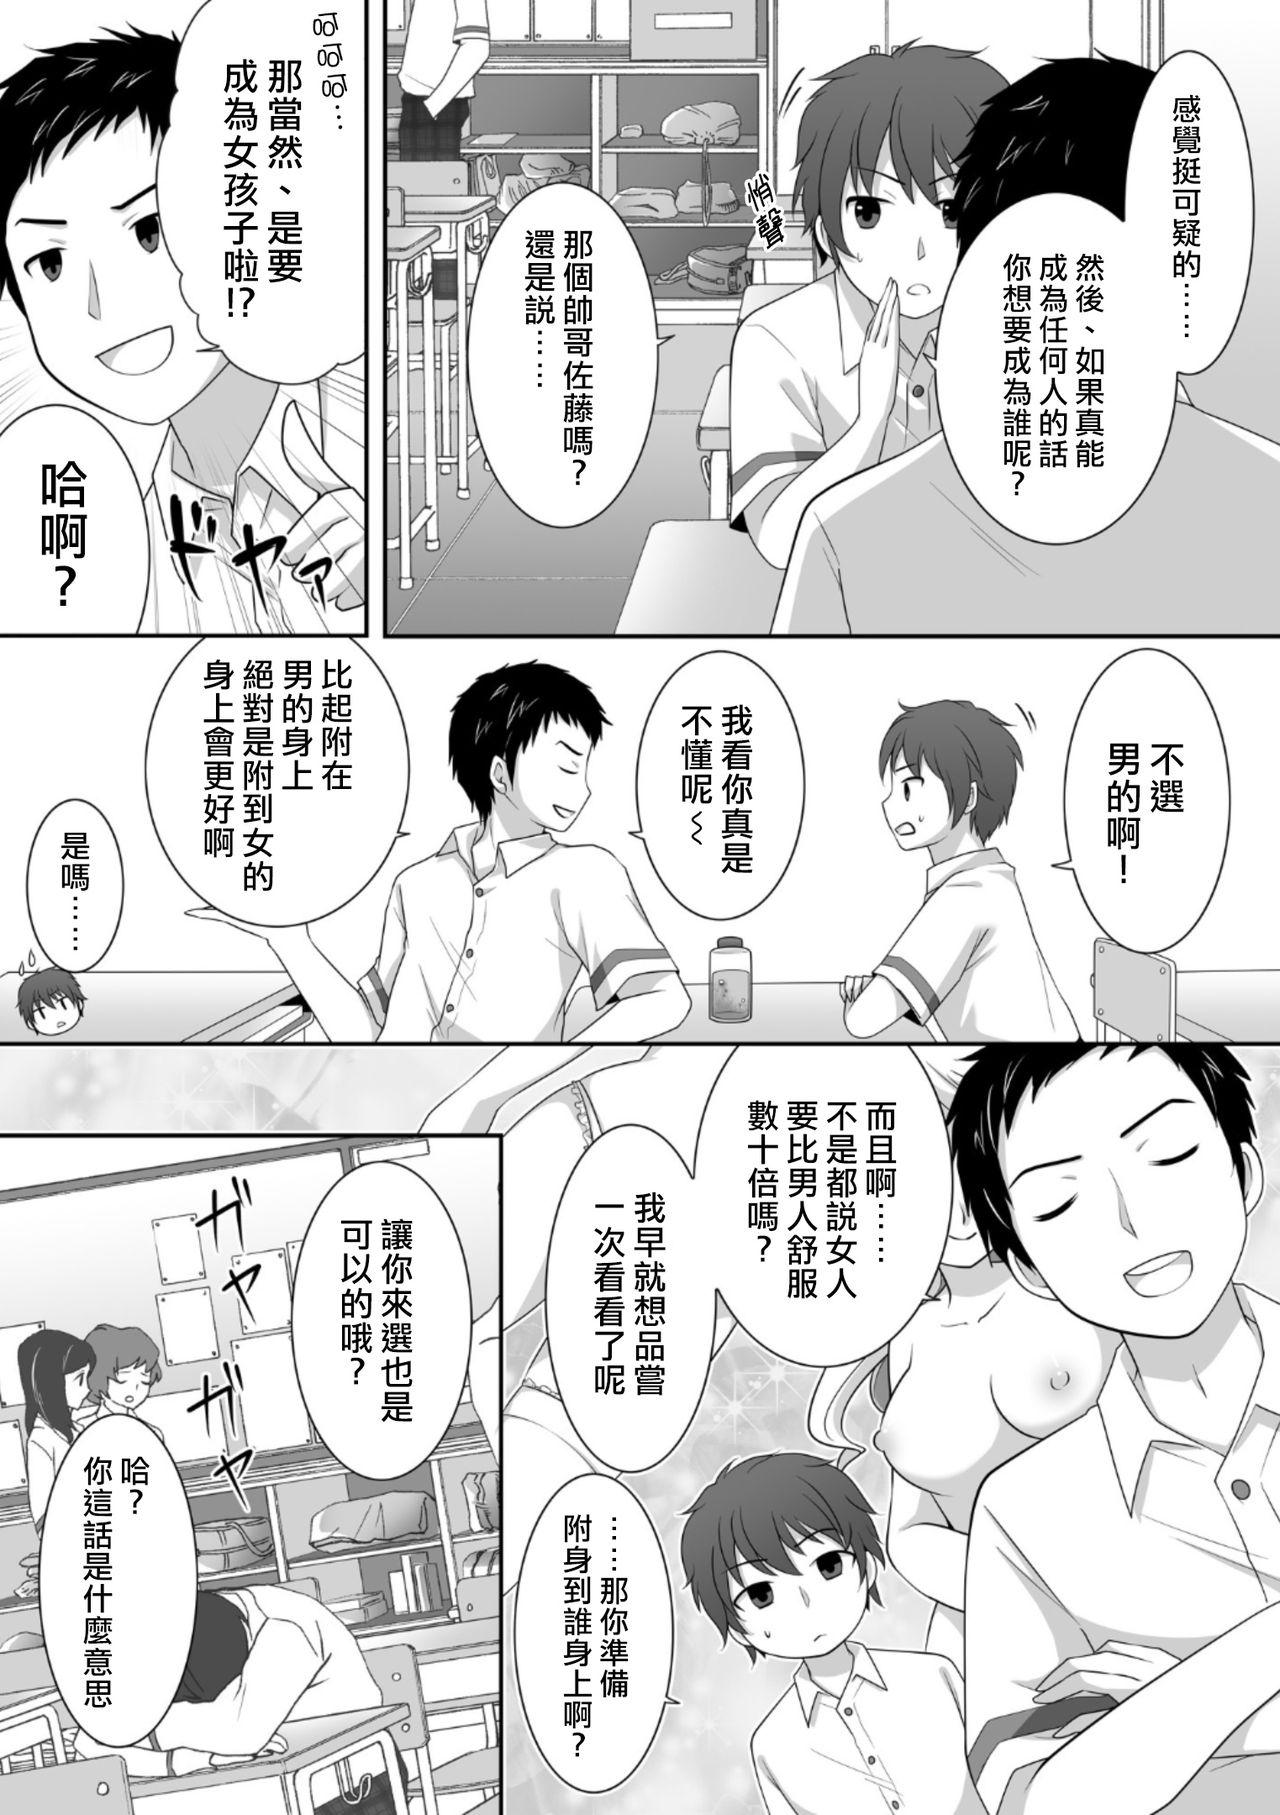 Joshi ni Hyoui shita Ore to Date shiyo! 3